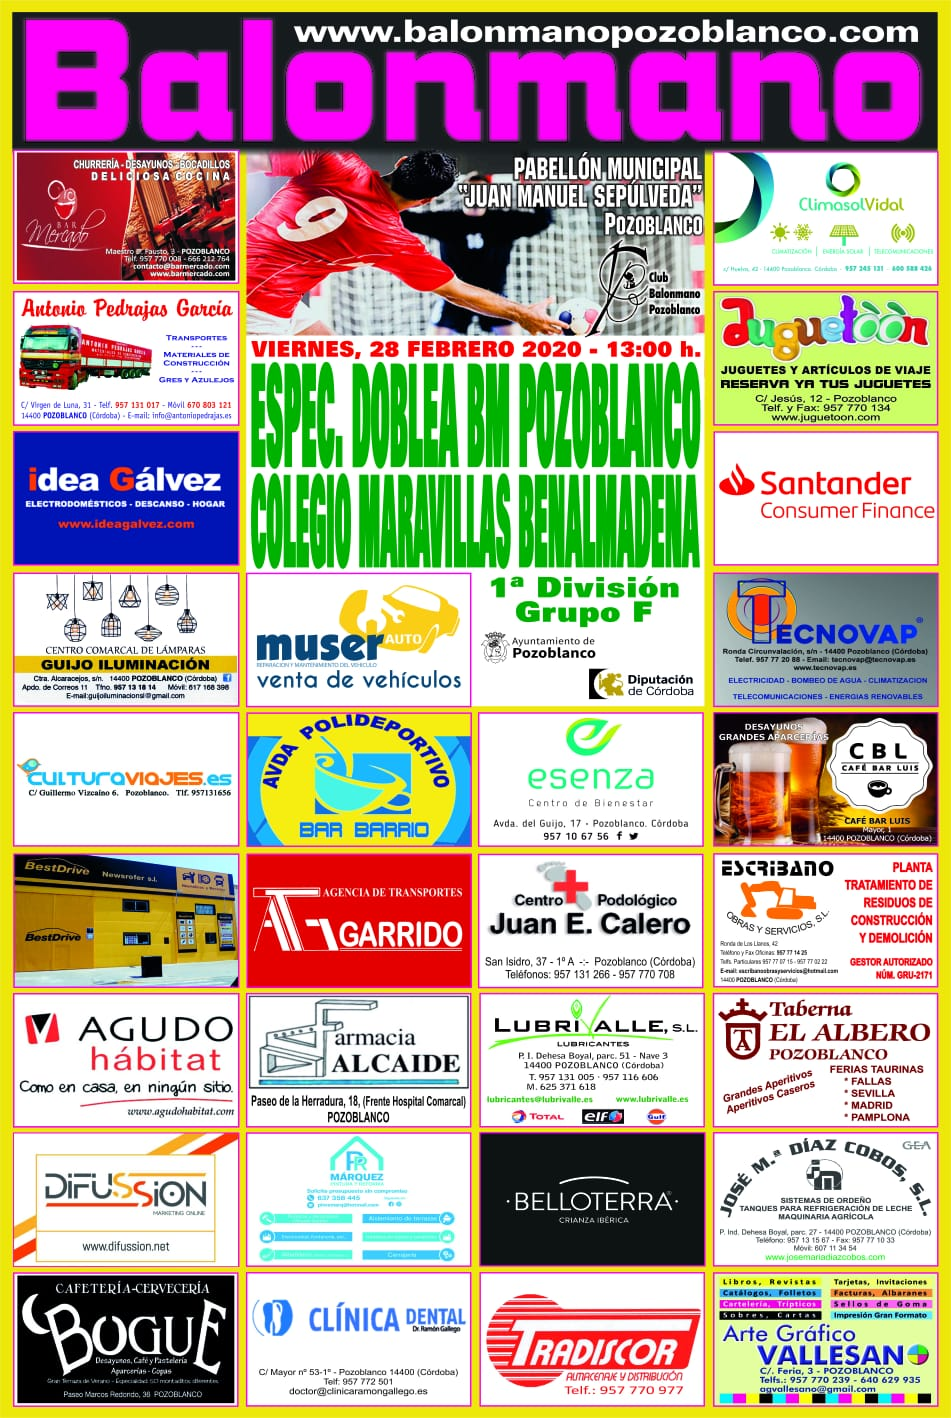 Balonmano Pozoblanco - Colegio Maravillas Benalmádena